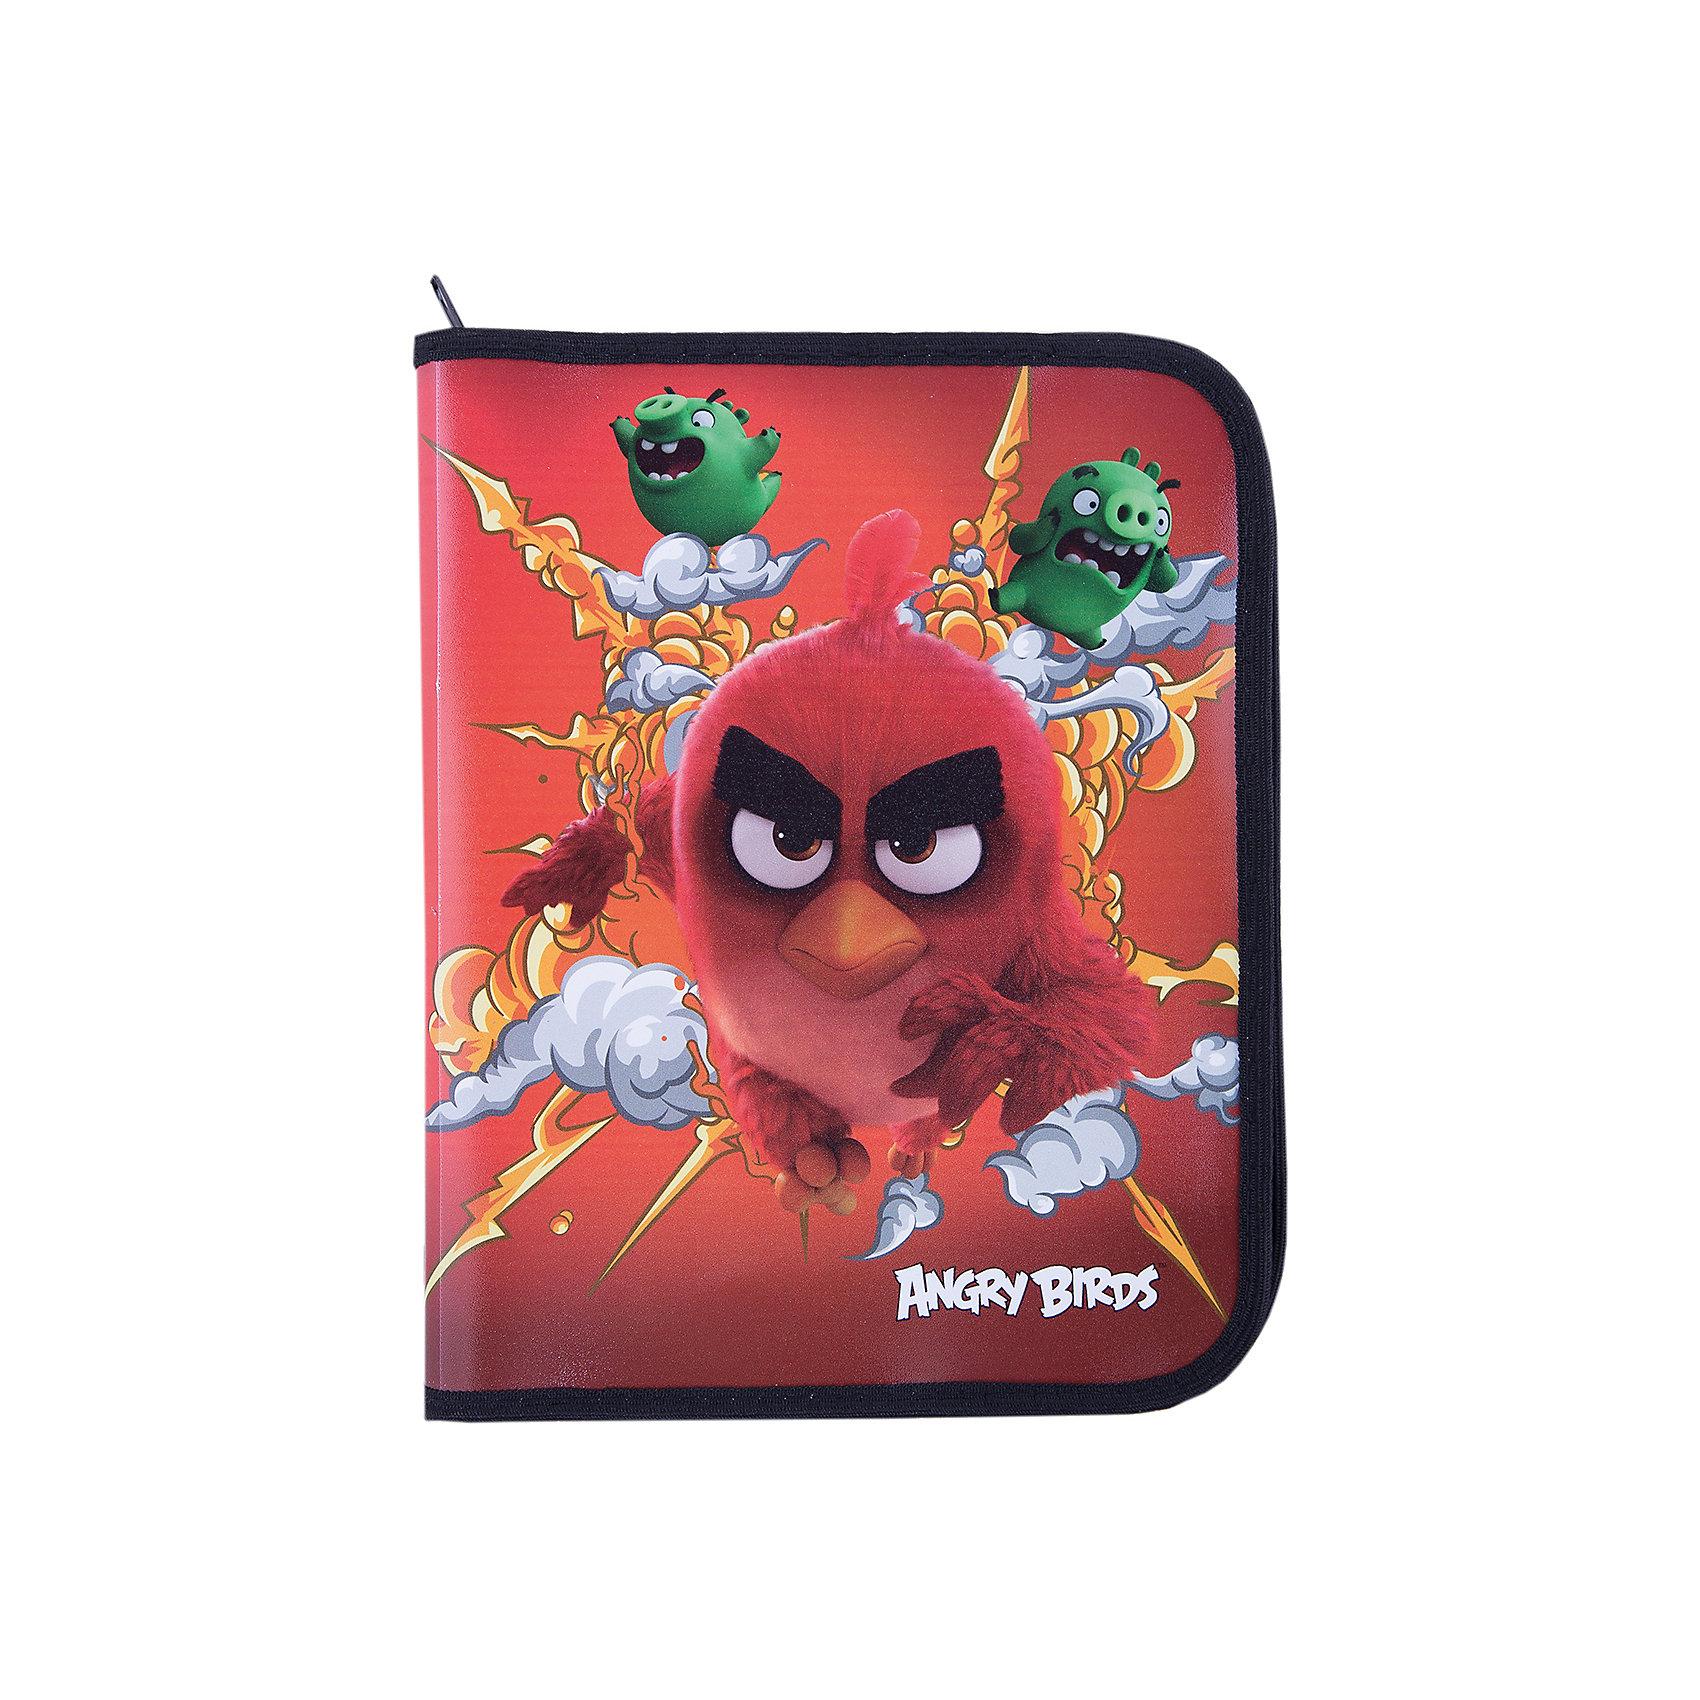 Папка А5+ на молнии, Angry BirdsПапки для труда<br>Папка на молнии, Angry Birds - яркий практичный аксессуар, который порадует маленького школьника и поможет сохранить школьные принадлежности в чистоте и аккуратности. В нарядной папке формата А5+ можно хранить тетрадки, рисунки, чертежи. Папка выполнена по мотивам<br>нового мультфильма про популярных птичек Angry Birds и украшена изображениями его персонажей. Внутри одно отделение, застежка на молнии.<br><br><br>Дополнительная информация:<br><br>- Материал: полипропилен.<br>- Формат: А5+.<br>- Размер: 24 х 2,5 х 18,5 см.  <br>- Вес: 60 гр.<br><br>Папку на молнии, Angry Birds, можно купить в нашем интернет-магазине.<br><br>Ширина мм: 240<br>Глубина мм: 185<br>Высота мм: 25<br>Вес г: 60<br>Возраст от месяцев: 96<br>Возраст до месяцев: 108<br>Пол: Мужской<br>Возраст: Детский<br>SKU: 4681098